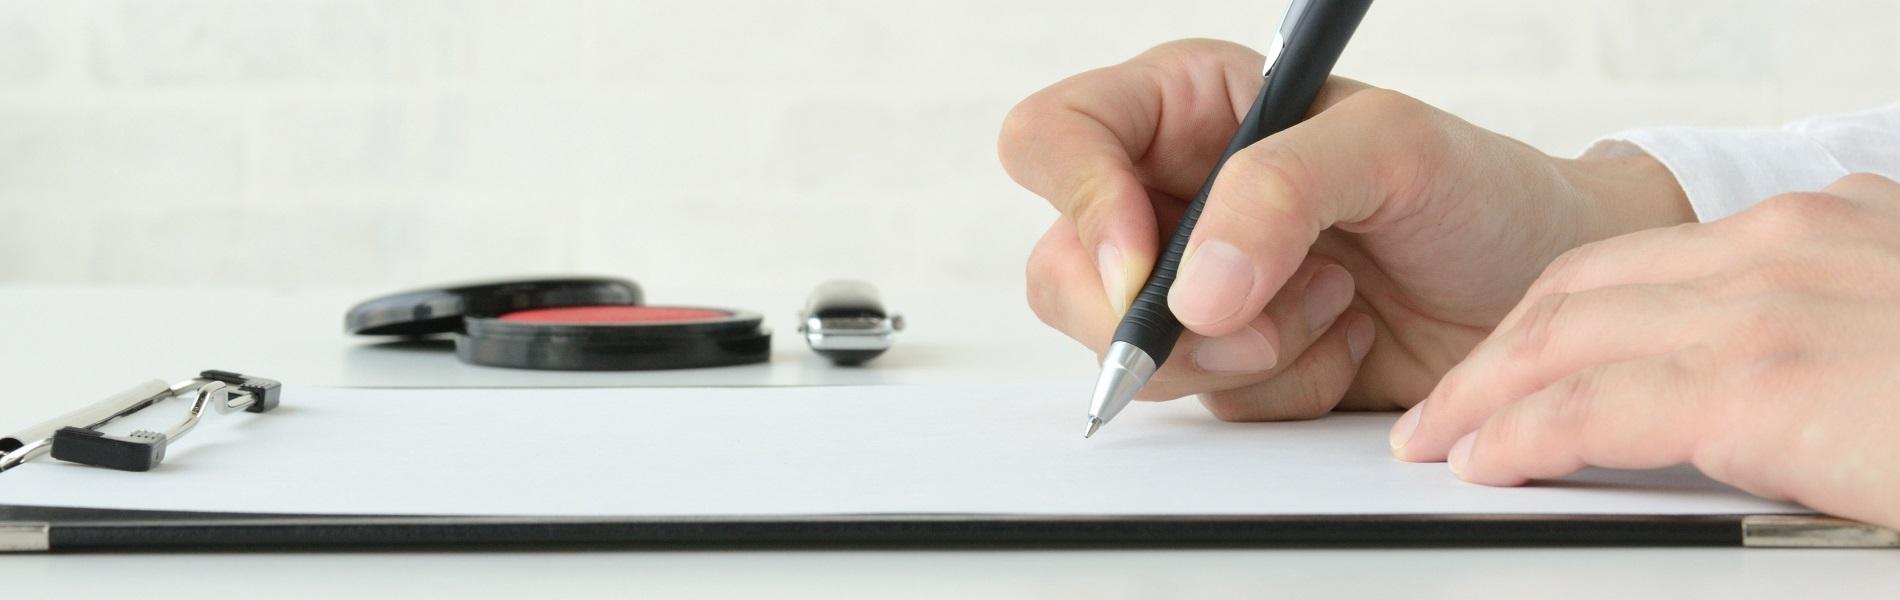 社会保険労務士の業務、役割とは会社の総務部